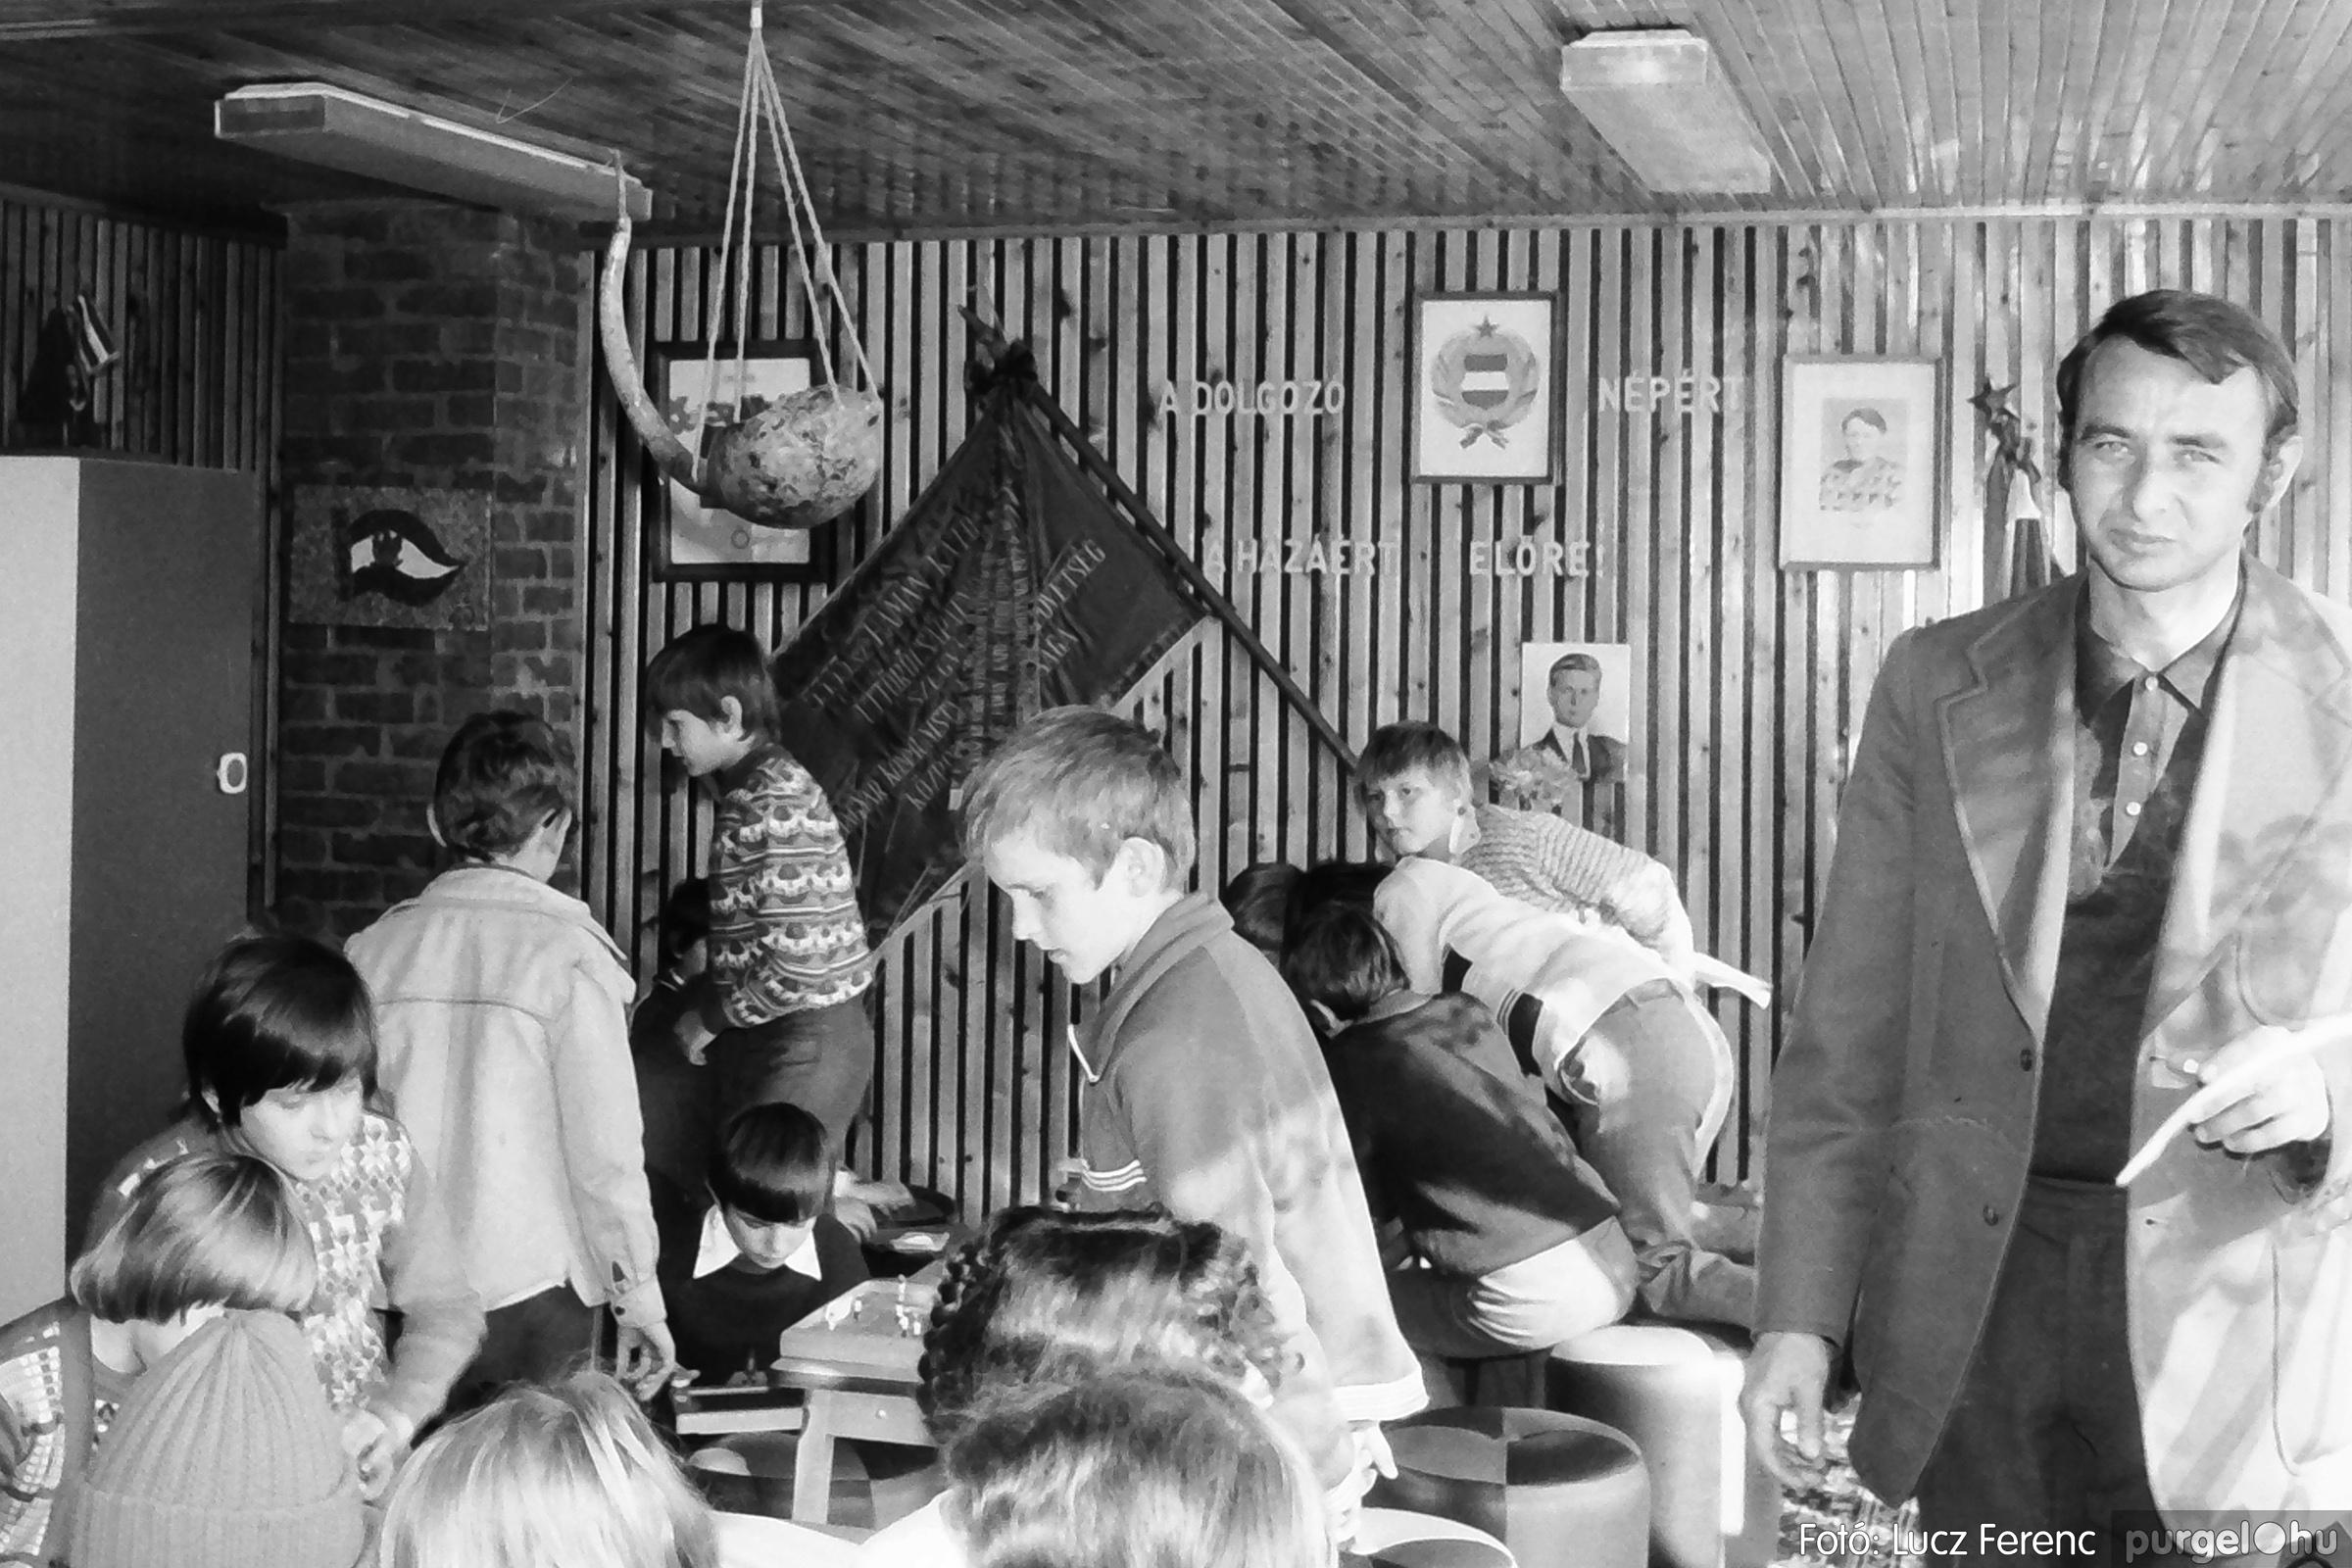 093. 1977. Szovjet katonák látogatása a nagy októberi szocialista forradalom 60. évfordulóján 005. - Fotó: Lucz Ferenc.jpg